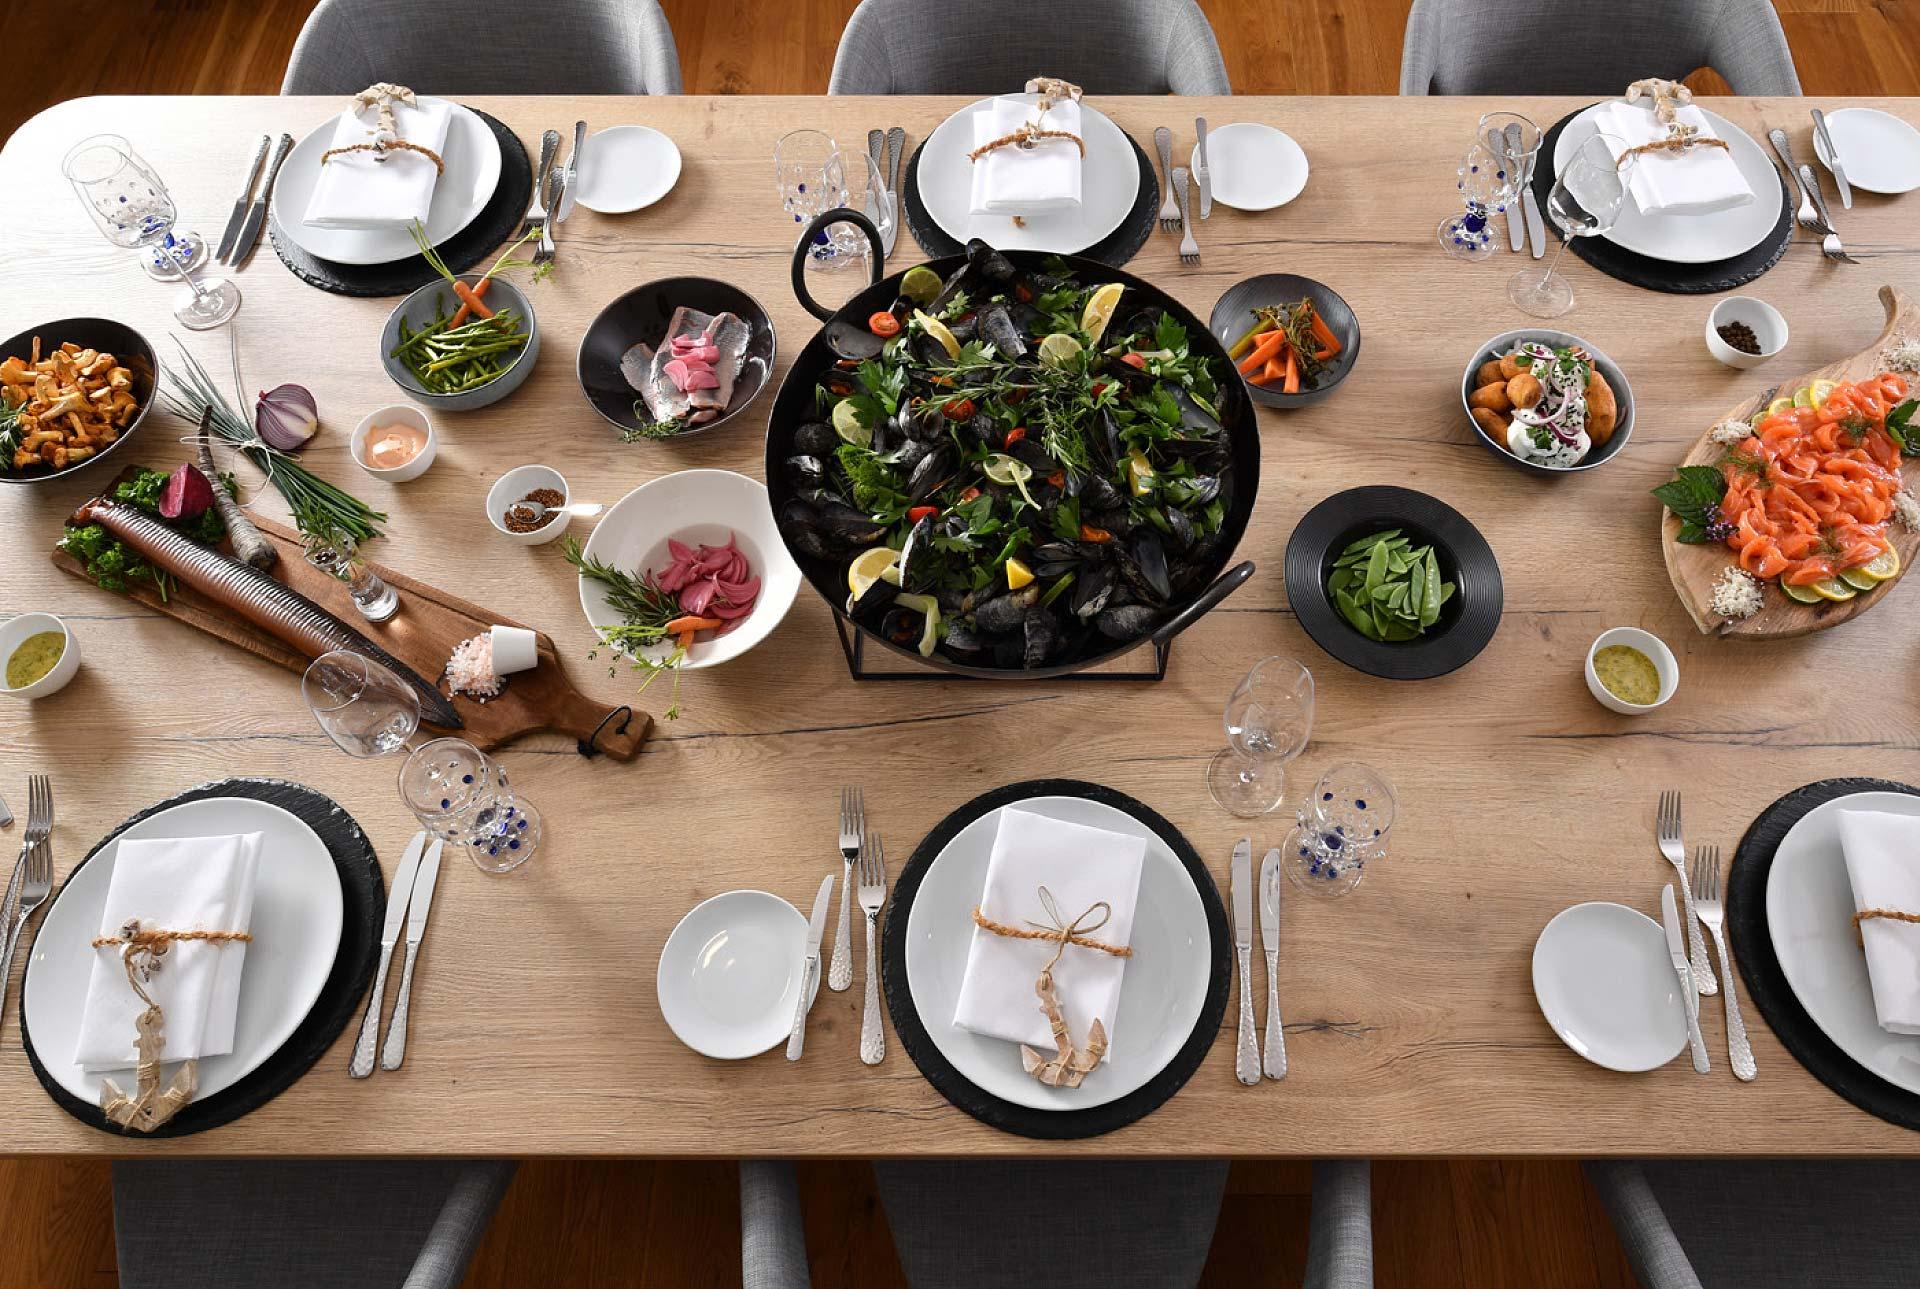 koekken_restaurant_benen-diken-hof_2020_01-042